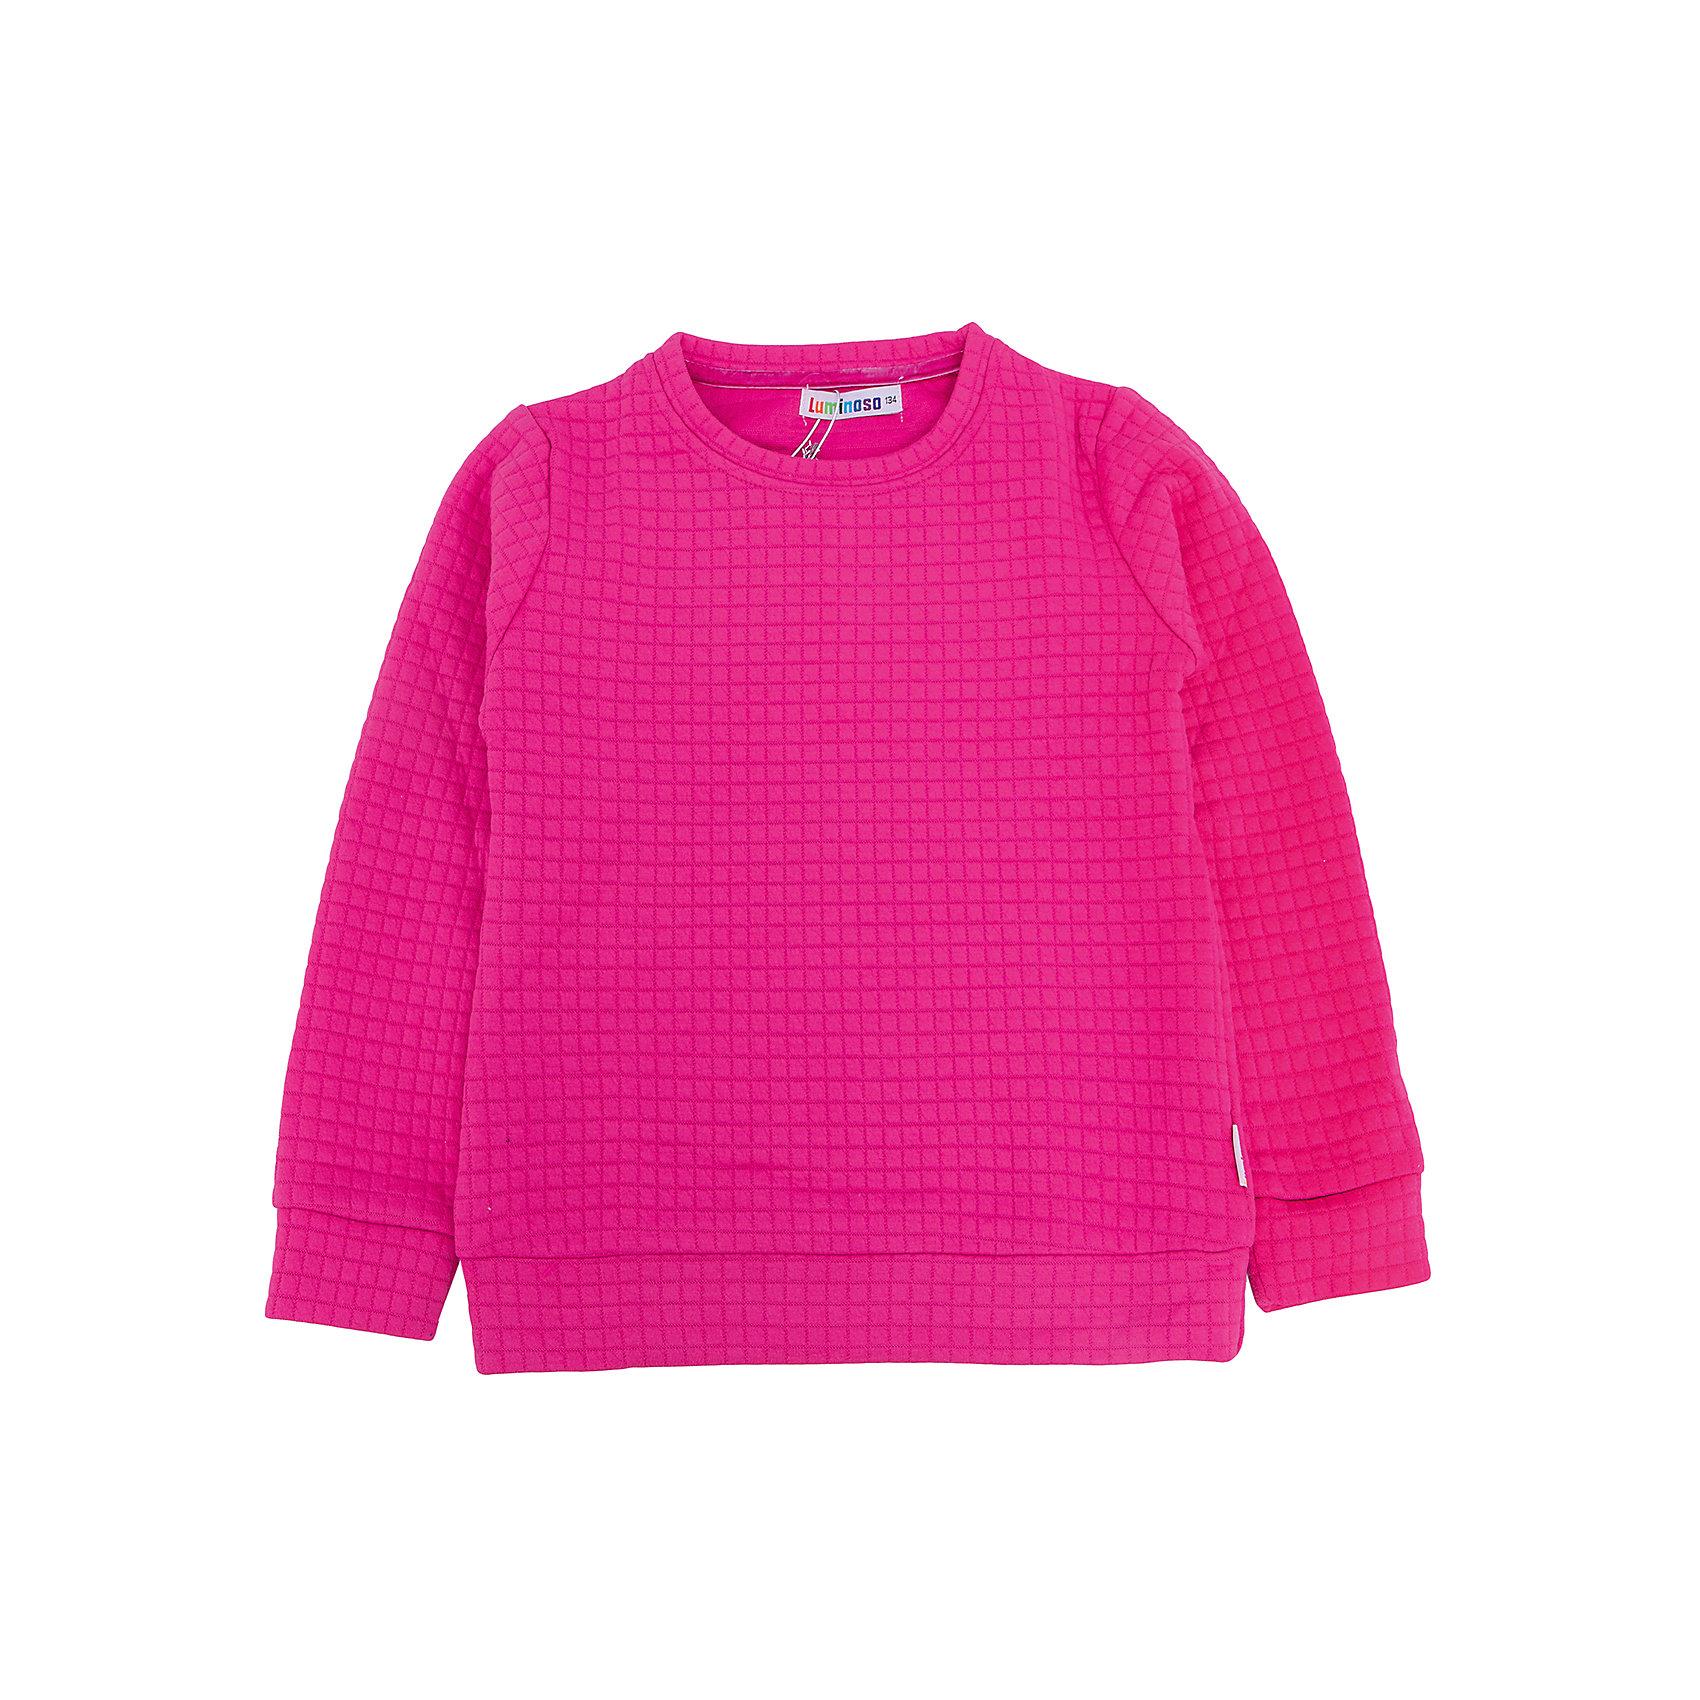 Толстовка для девочки LuminosoТолстовки<br>Характеристики товара:<br><br>- цвет: розовый;<br>- материал: 60% хлопок, 40% акрил;<br>- плотный фактурный трикотаж;<br>- длинный рукав;<br>- округлый горловой вырез.<br><br>Стильная одежда от бренда Luminoso (Люминосо), созданная при участии итальянских дизайнеров, учитывает потребности подростков и последние веяния моды. Она удобная и модная.<br>Эта стильная толстовка идеальна для прохладной погоды. Он хорошо сидит на ребенке, обеспечивает комфорт и отлично сочетается с одежной разных стилей. Модель отличается высоким качеством материала и продуманным дизайном.<br><br>Толстовку для девочки от бренда Luminoso (Люминосо) можно купить в нашем интернет-магазине.<br><br>Ширина мм: 190<br>Глубина мм: 74<br>Высота мм: 229<br>Вес г: 236<br>Цвет: розовый<br>Возраст от месяцев: 108<br>Возраст до месяцев: 120<br>Пол: Женский<br>Возраст: Детский<br>Размер: 140,164,134,146,152,158<br>SKU: 4929710